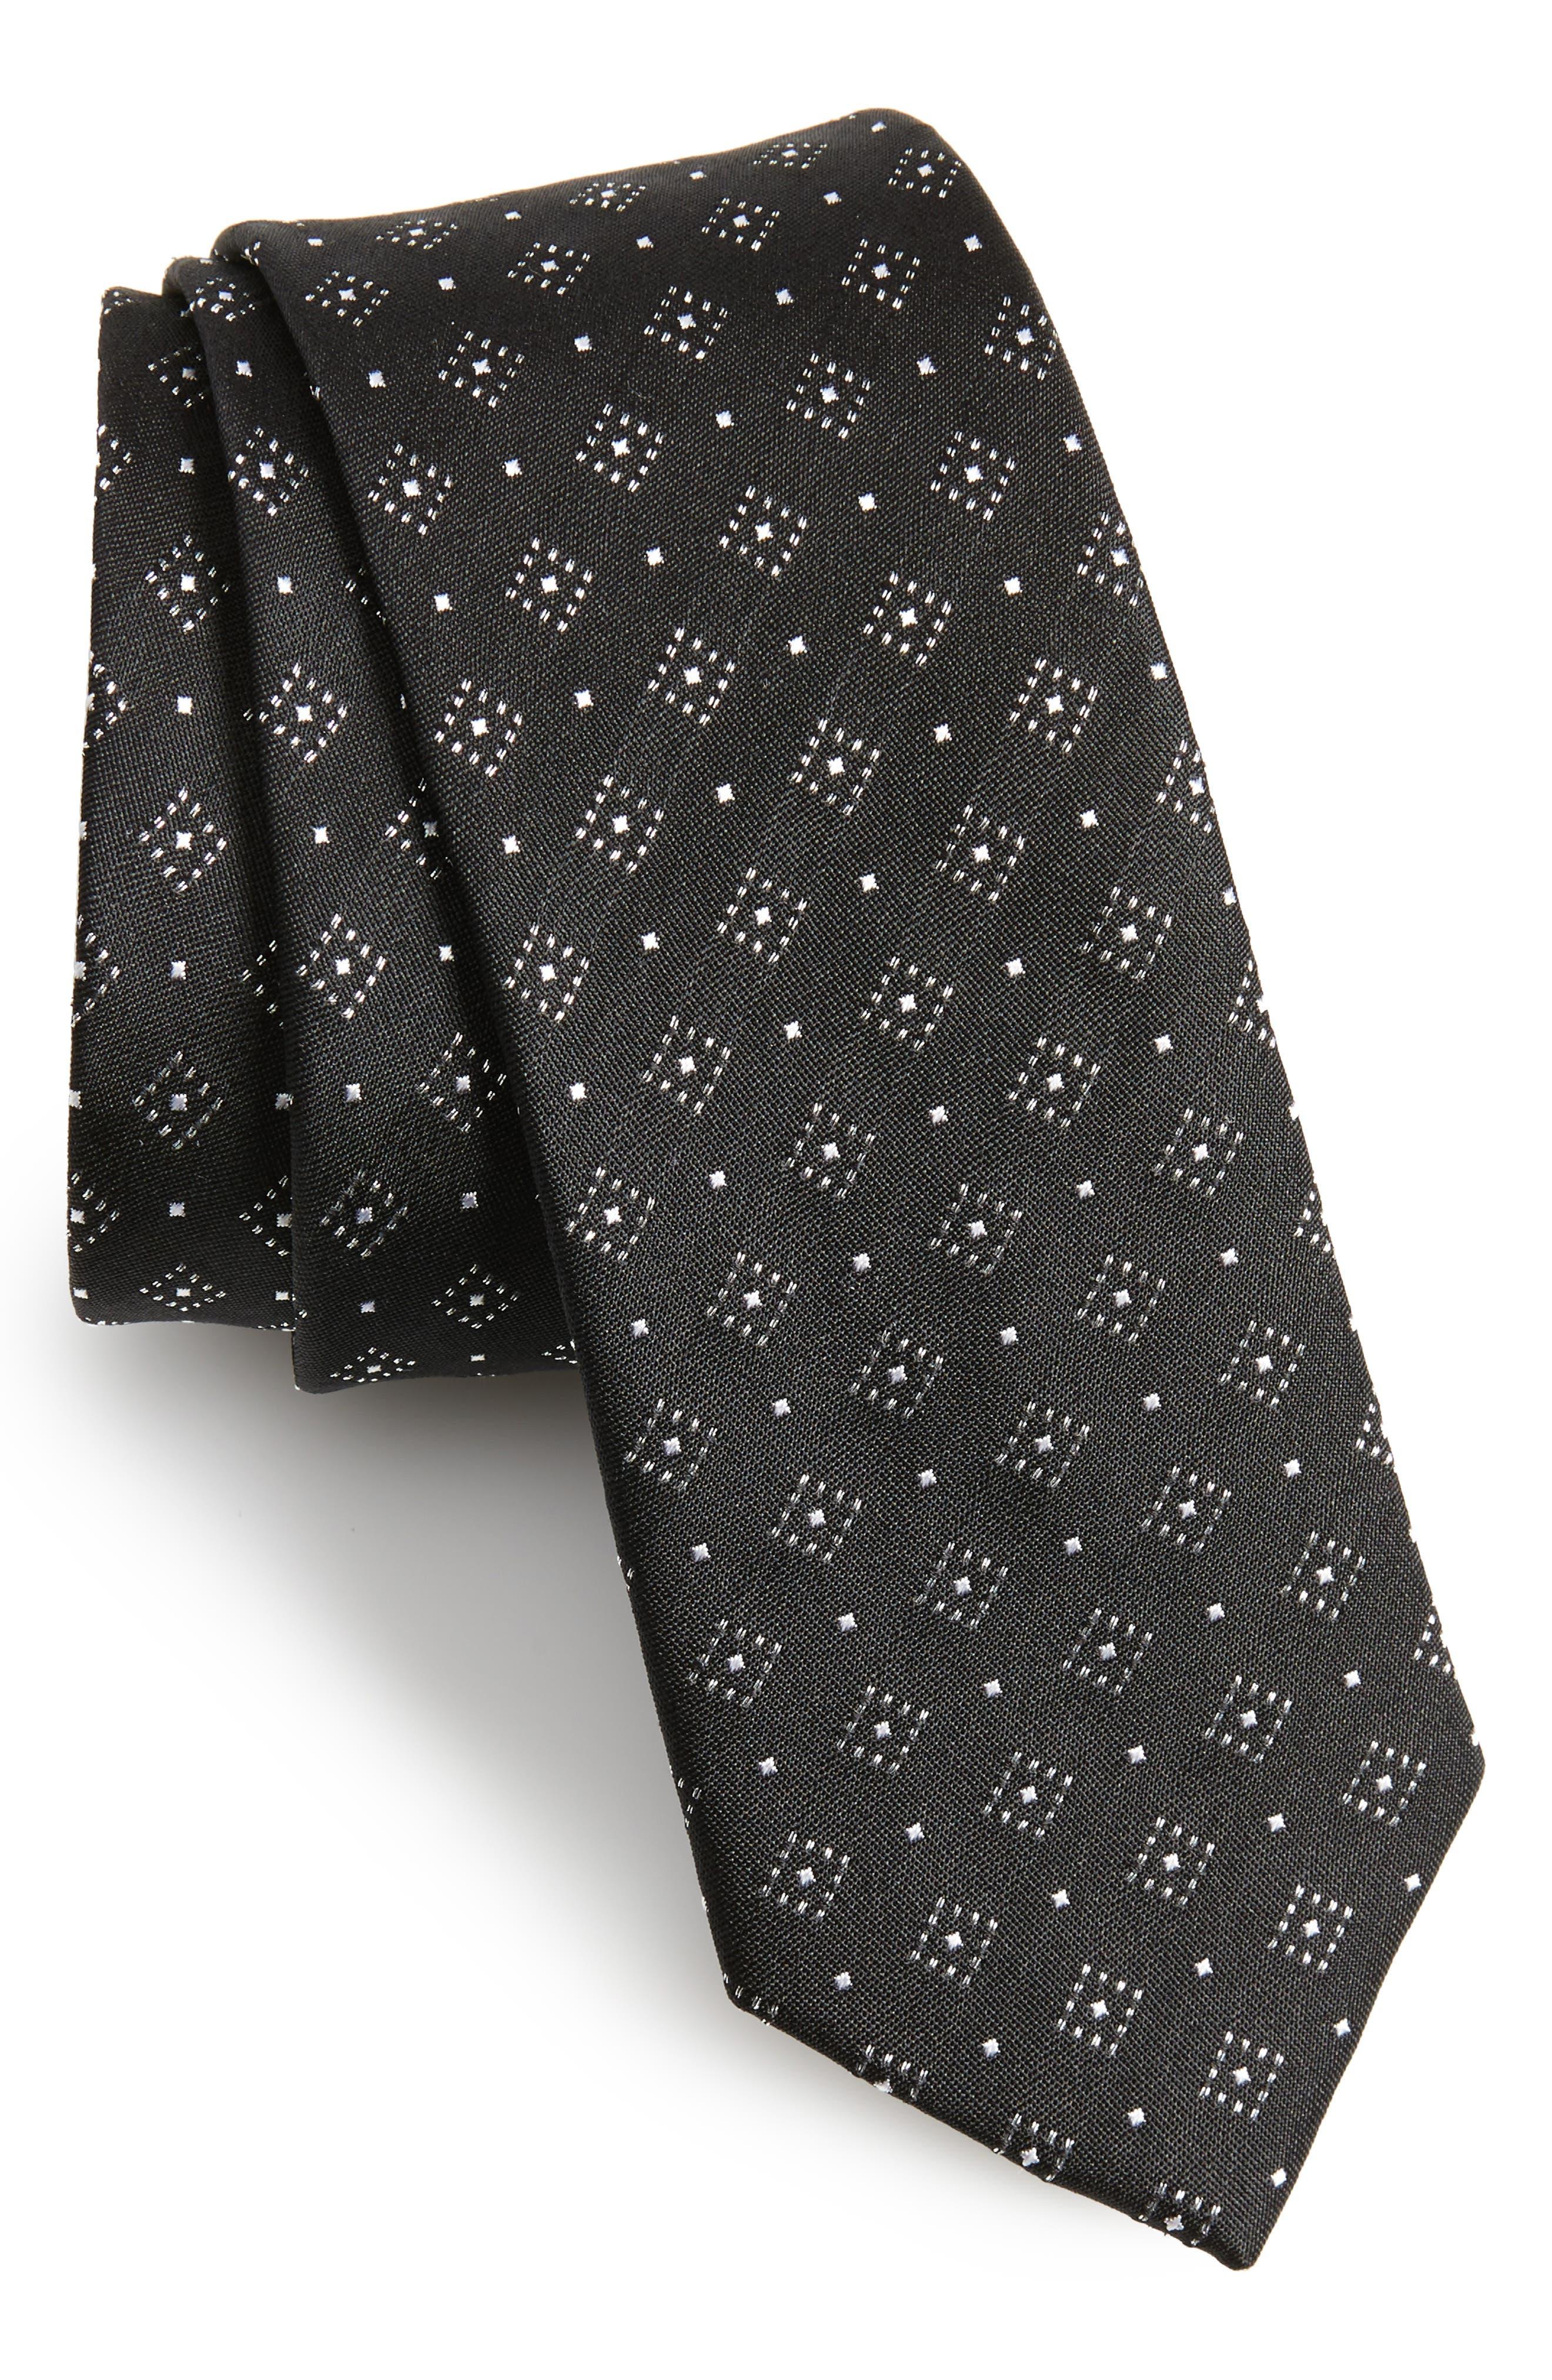 Alternate Image 1 Selected - The Tie Bar Gemstone Gala Silk Skinny Tie